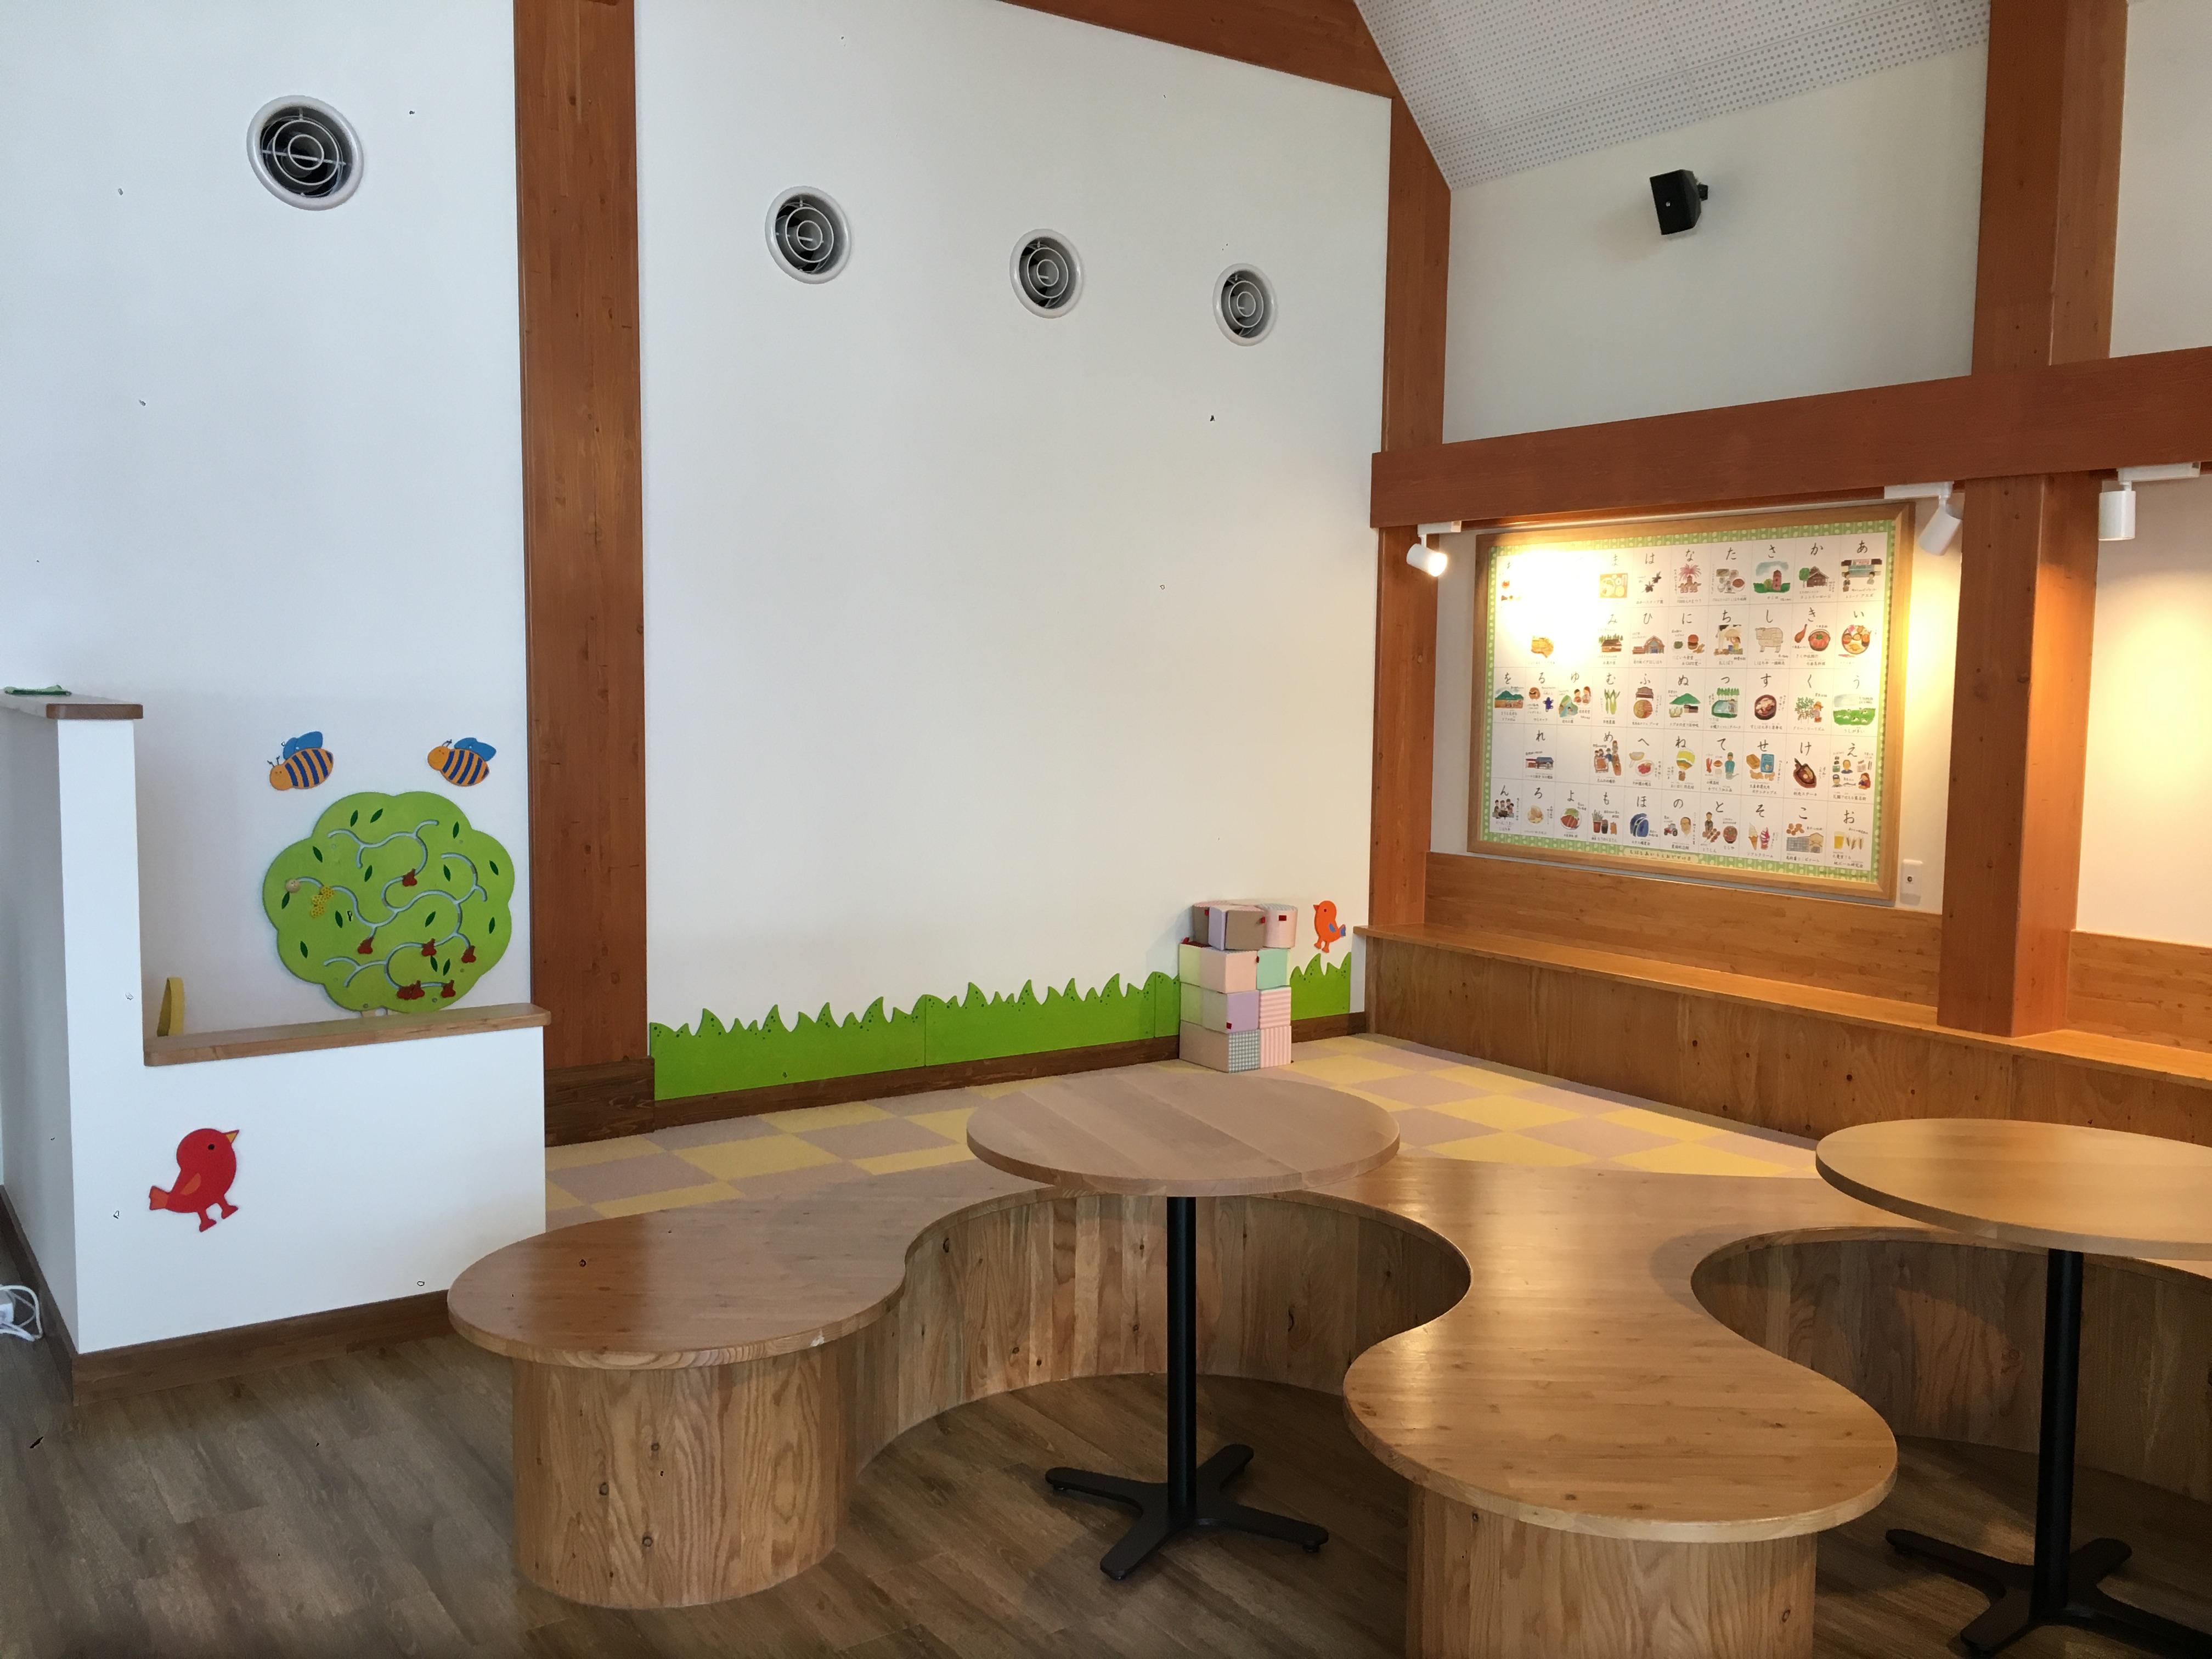 大人はくつろぎ、子供は遊べる、憩いのファミリースペースを設けました。壁には、しほろの「あいうえおでかけ表」があり、親しみやすいイラストでしほろ町のおでかけスポットを紹介しています。